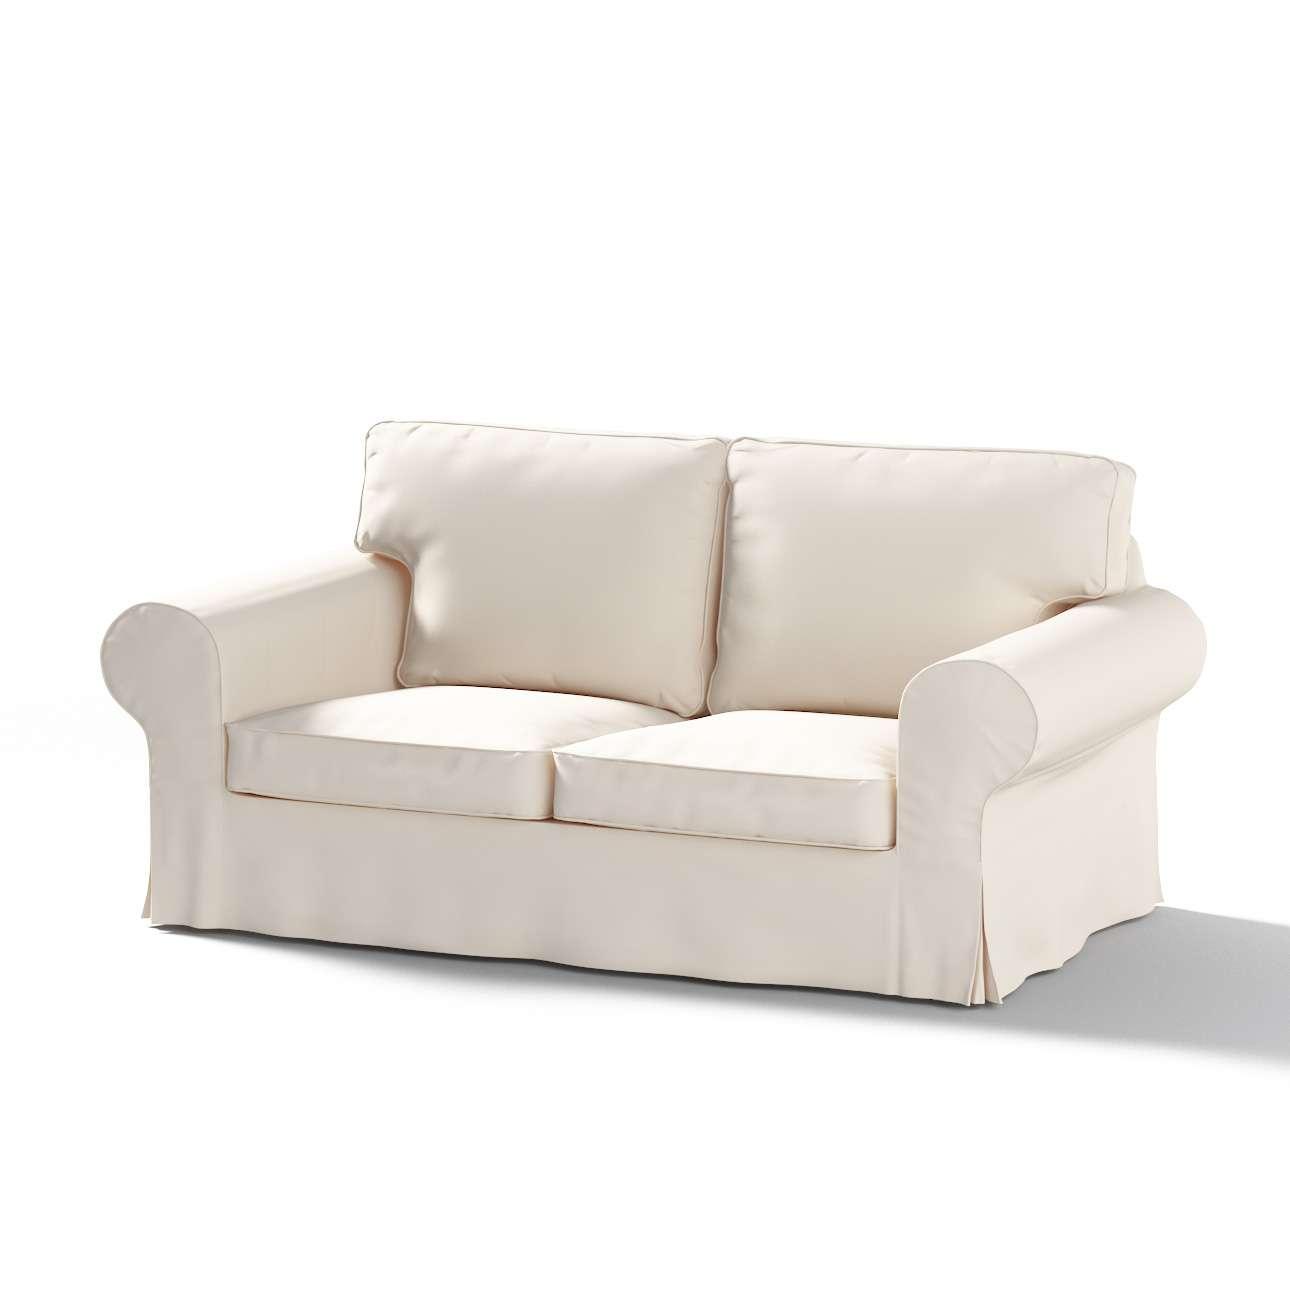 Pokrowiec na sofę Ektorp 2-osobową, nierozkładaną w kolekcji Etna , tkanina: 705-01